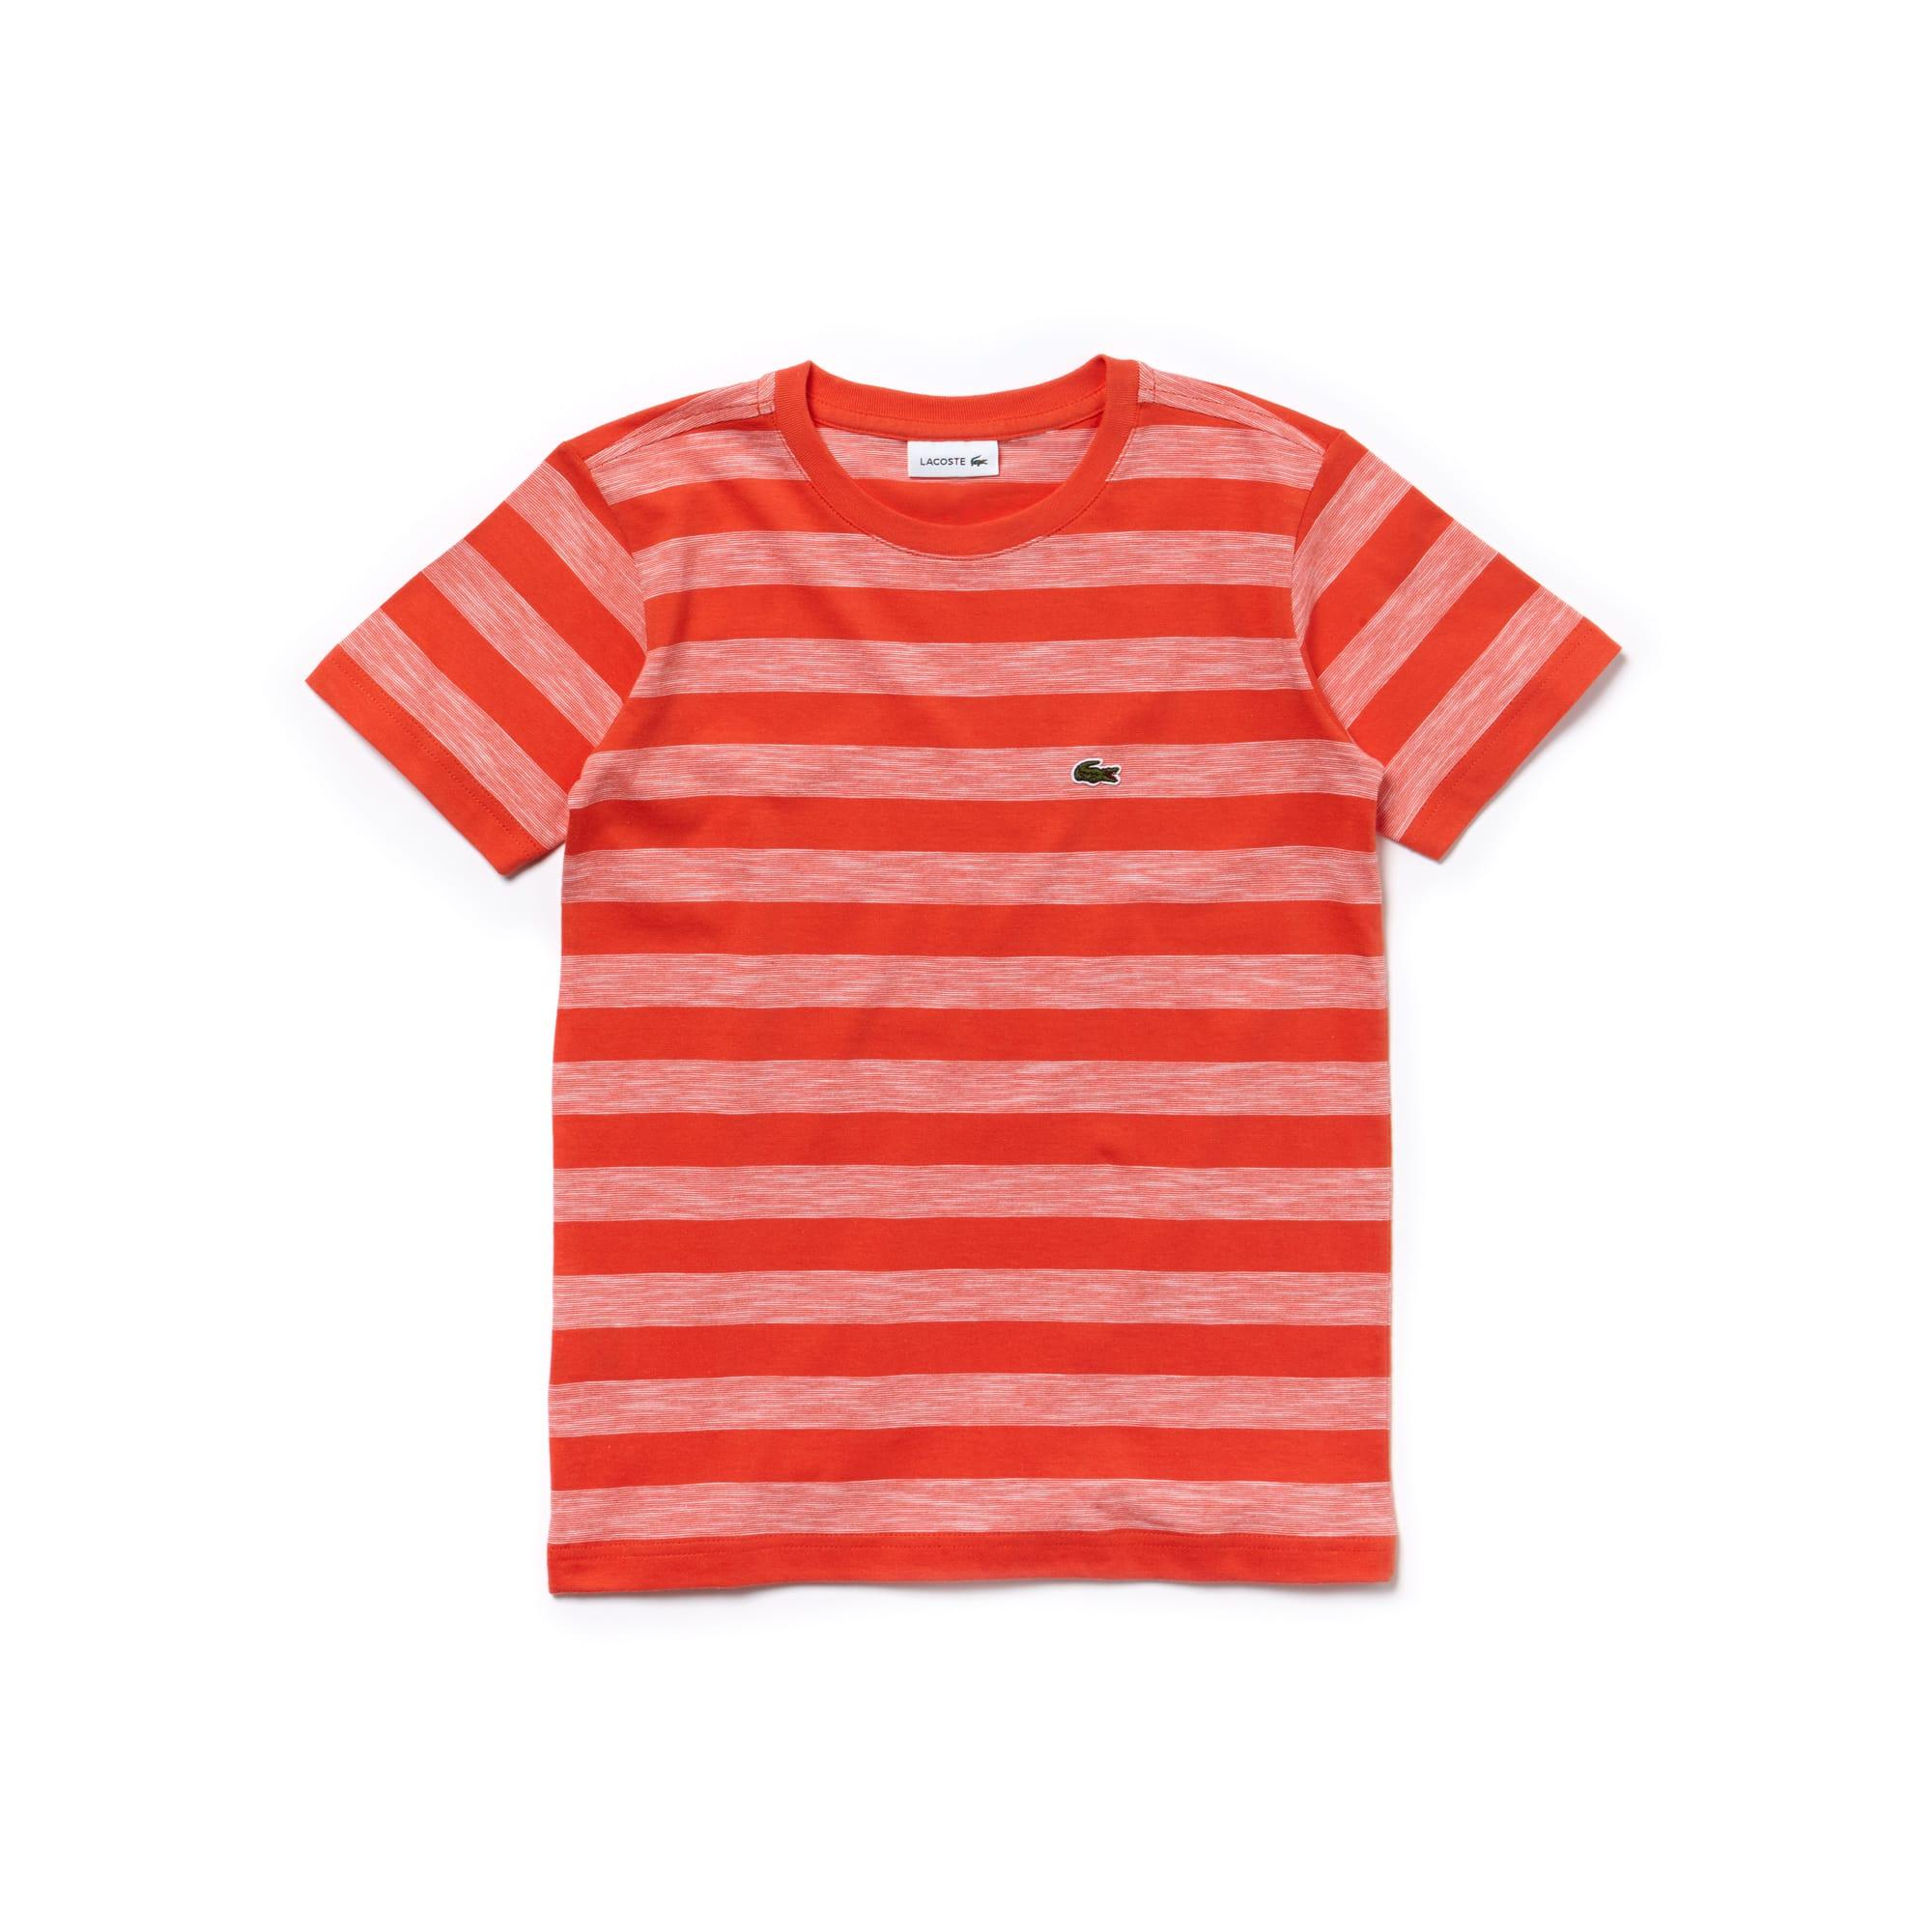 T-shirt Menino decote redondo em jersey de algodão às riscas